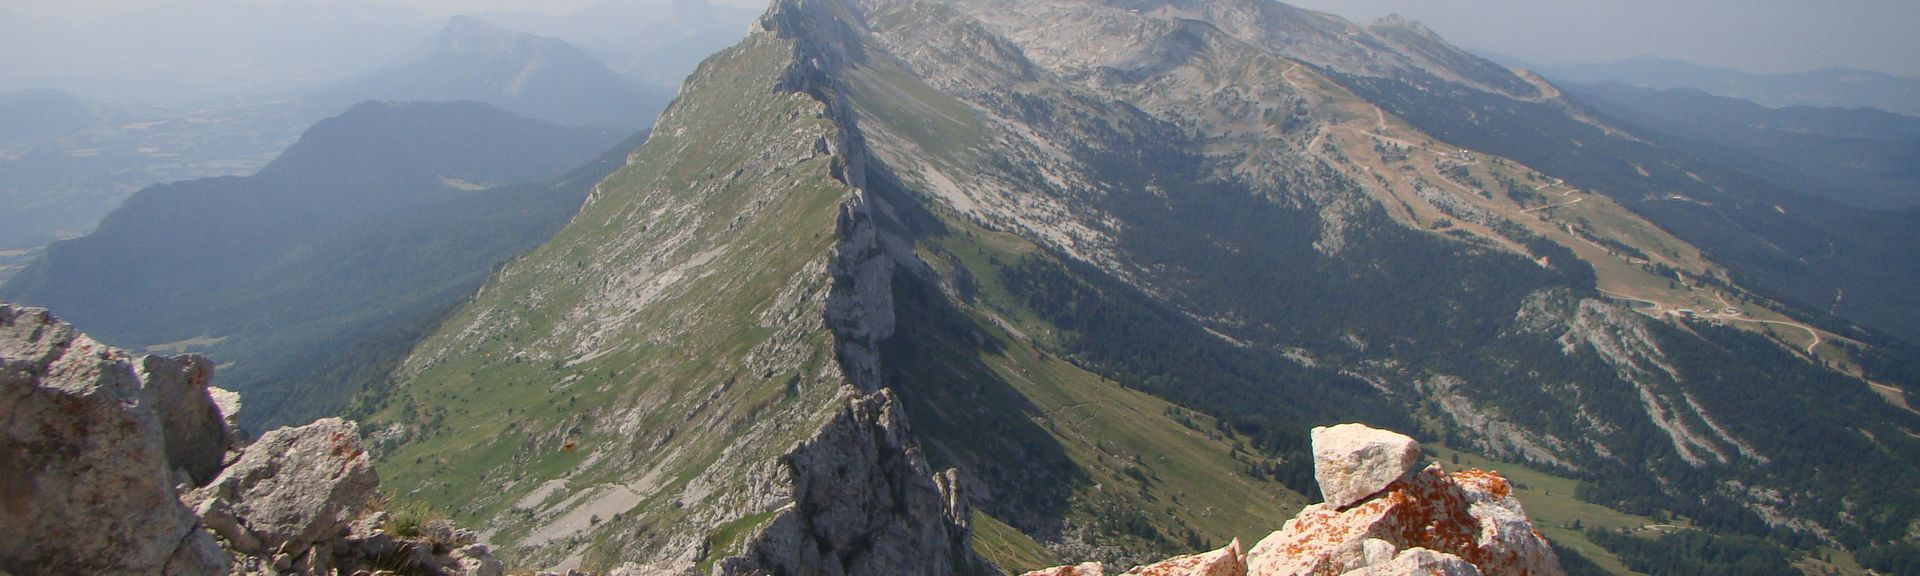 Grotte de la Luire, Saint-Agnan-en-Vercors, Auvernia-Ródano-Alpes, Francia